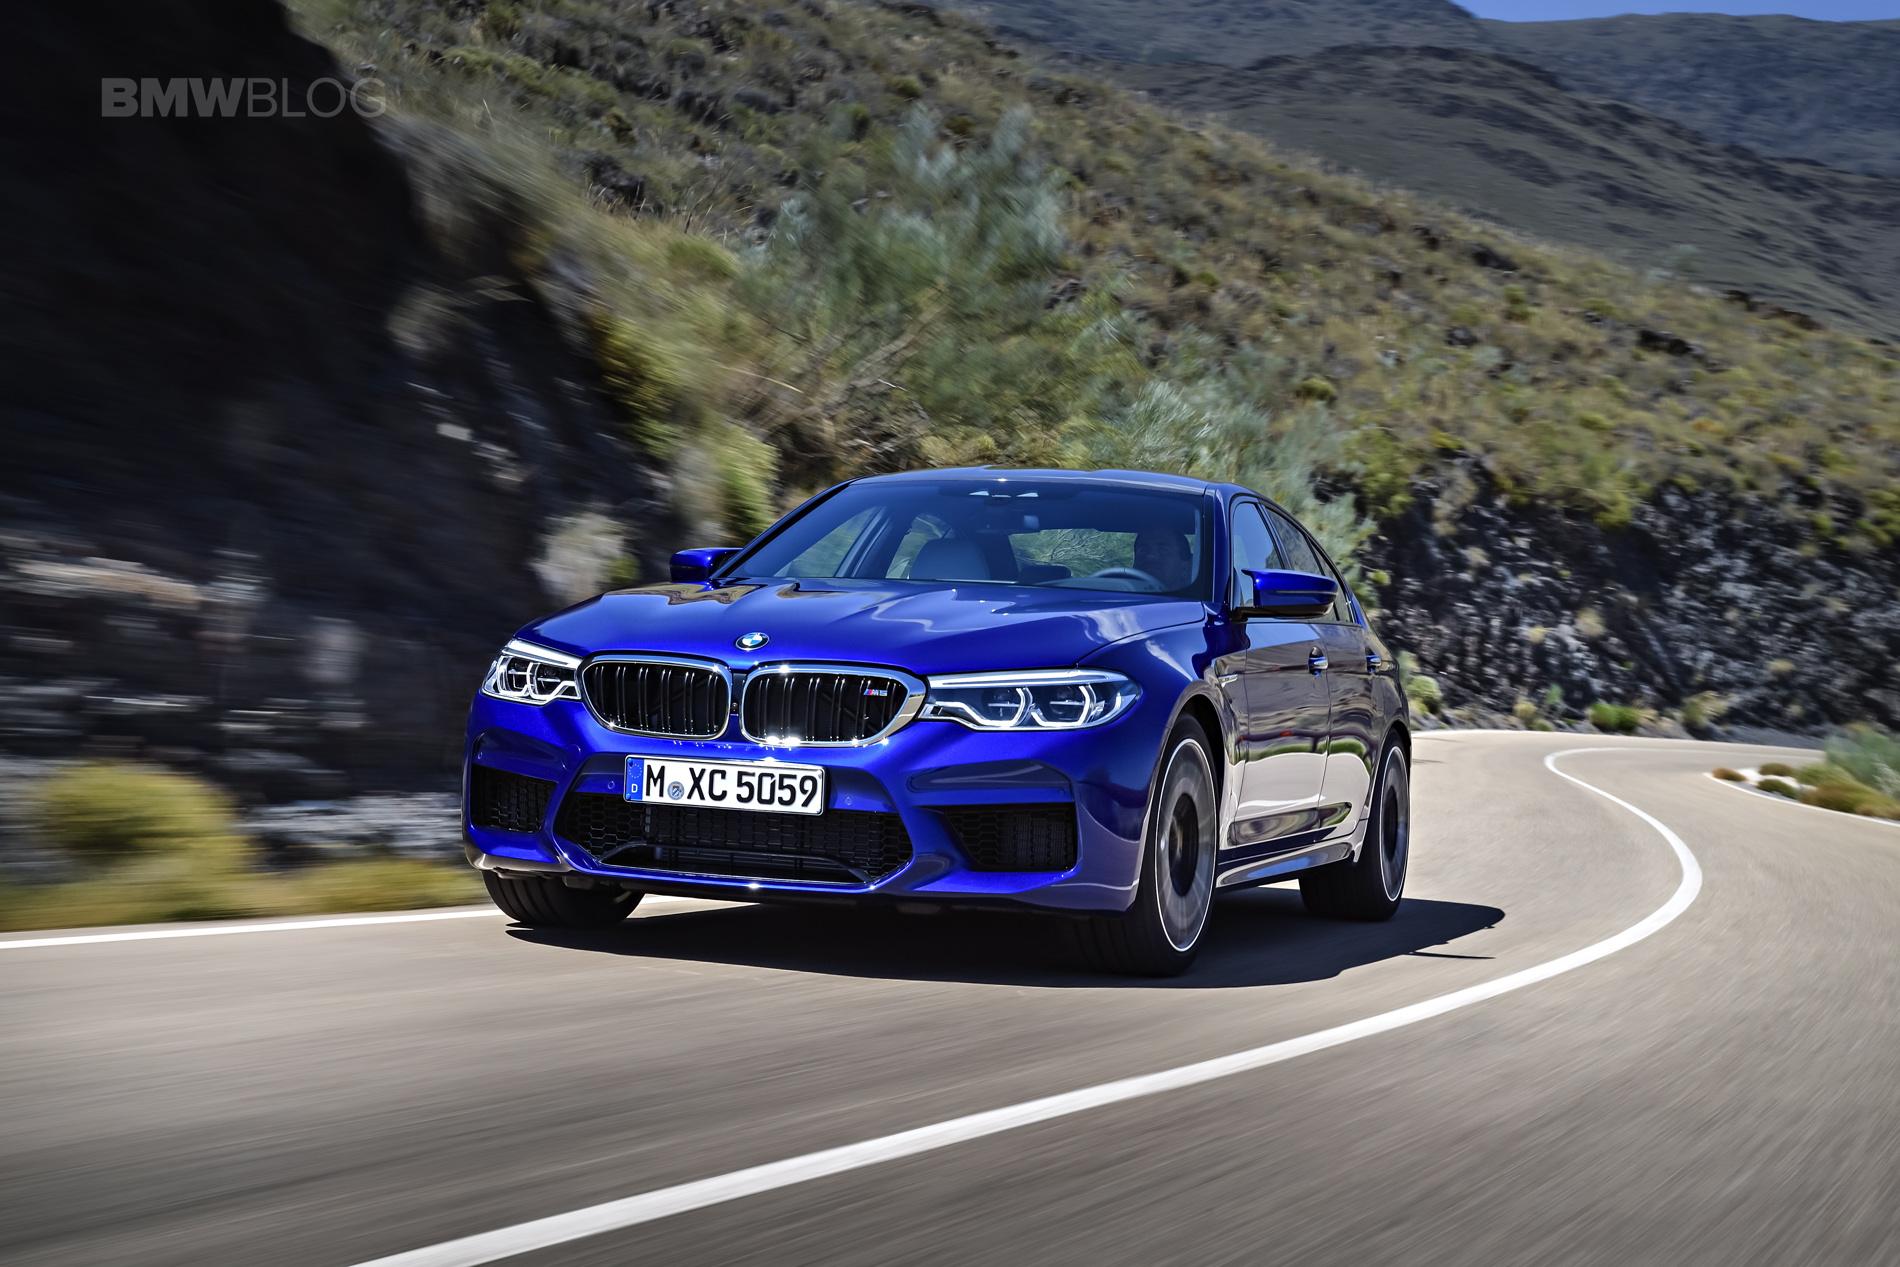 2018 BMW M5 exterior 17